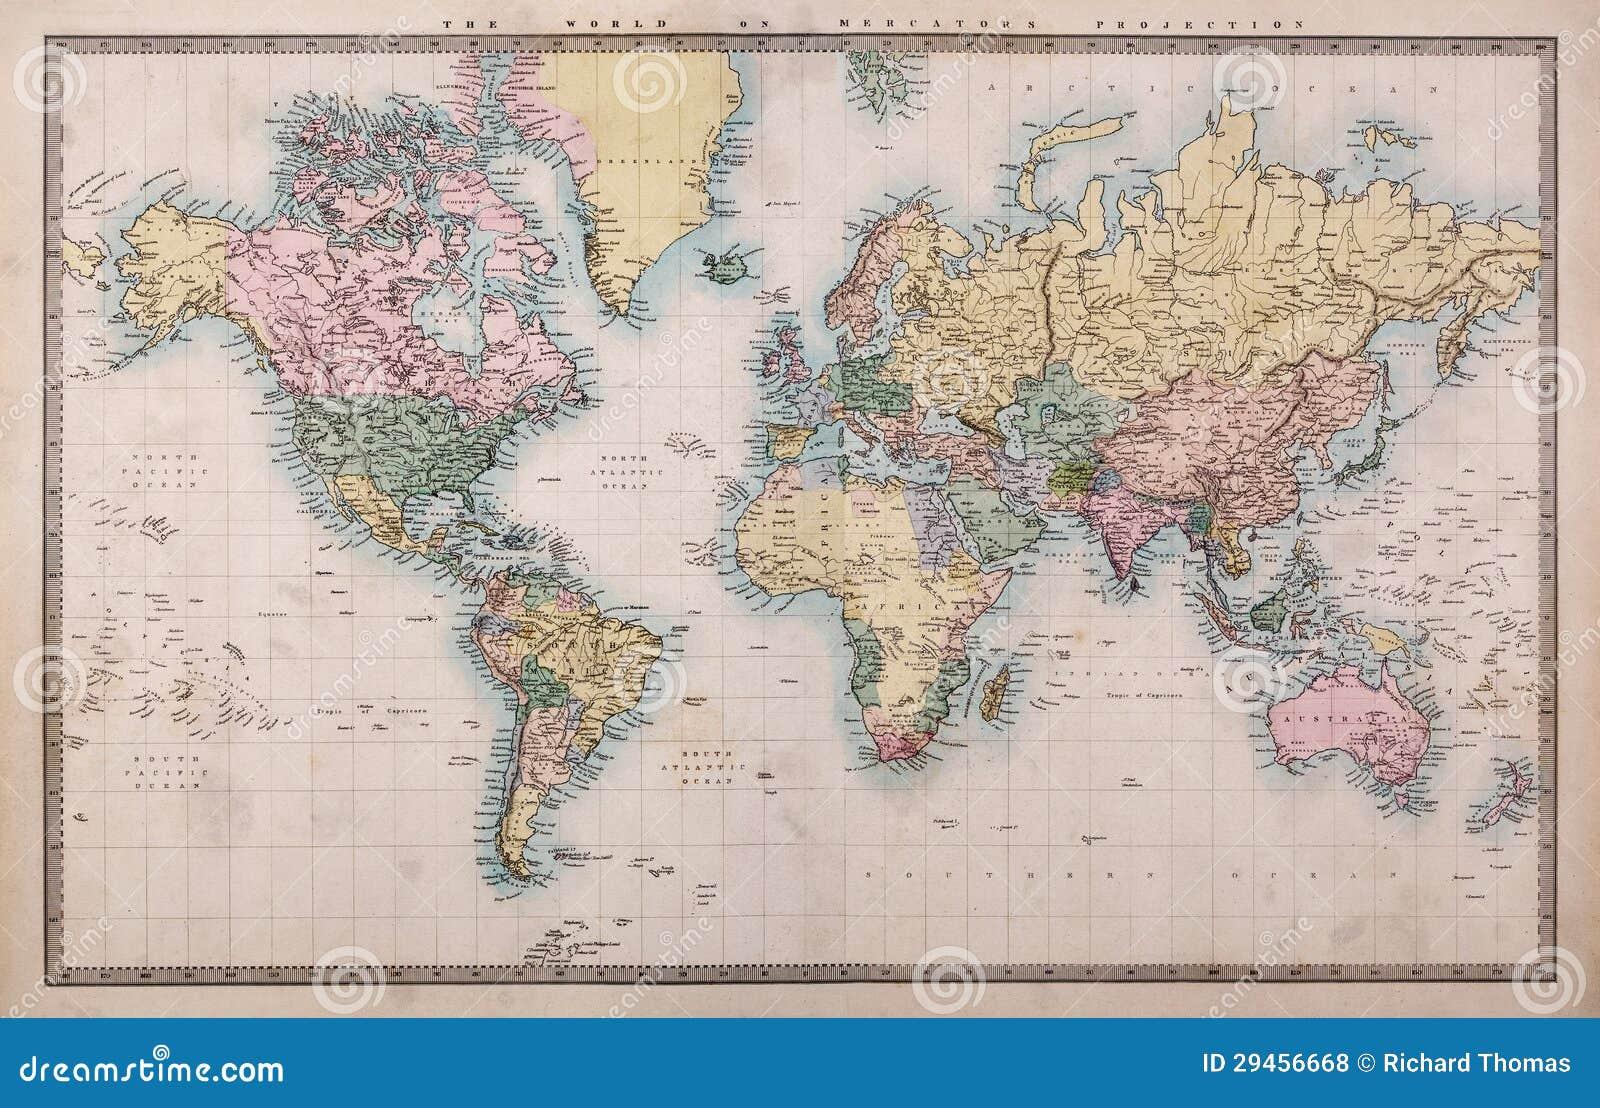 Sepia world map wallpaperntage world map poster print keep calm de oude kaart van de wereld op projectie mercators royalty gumiabroncs Image collections